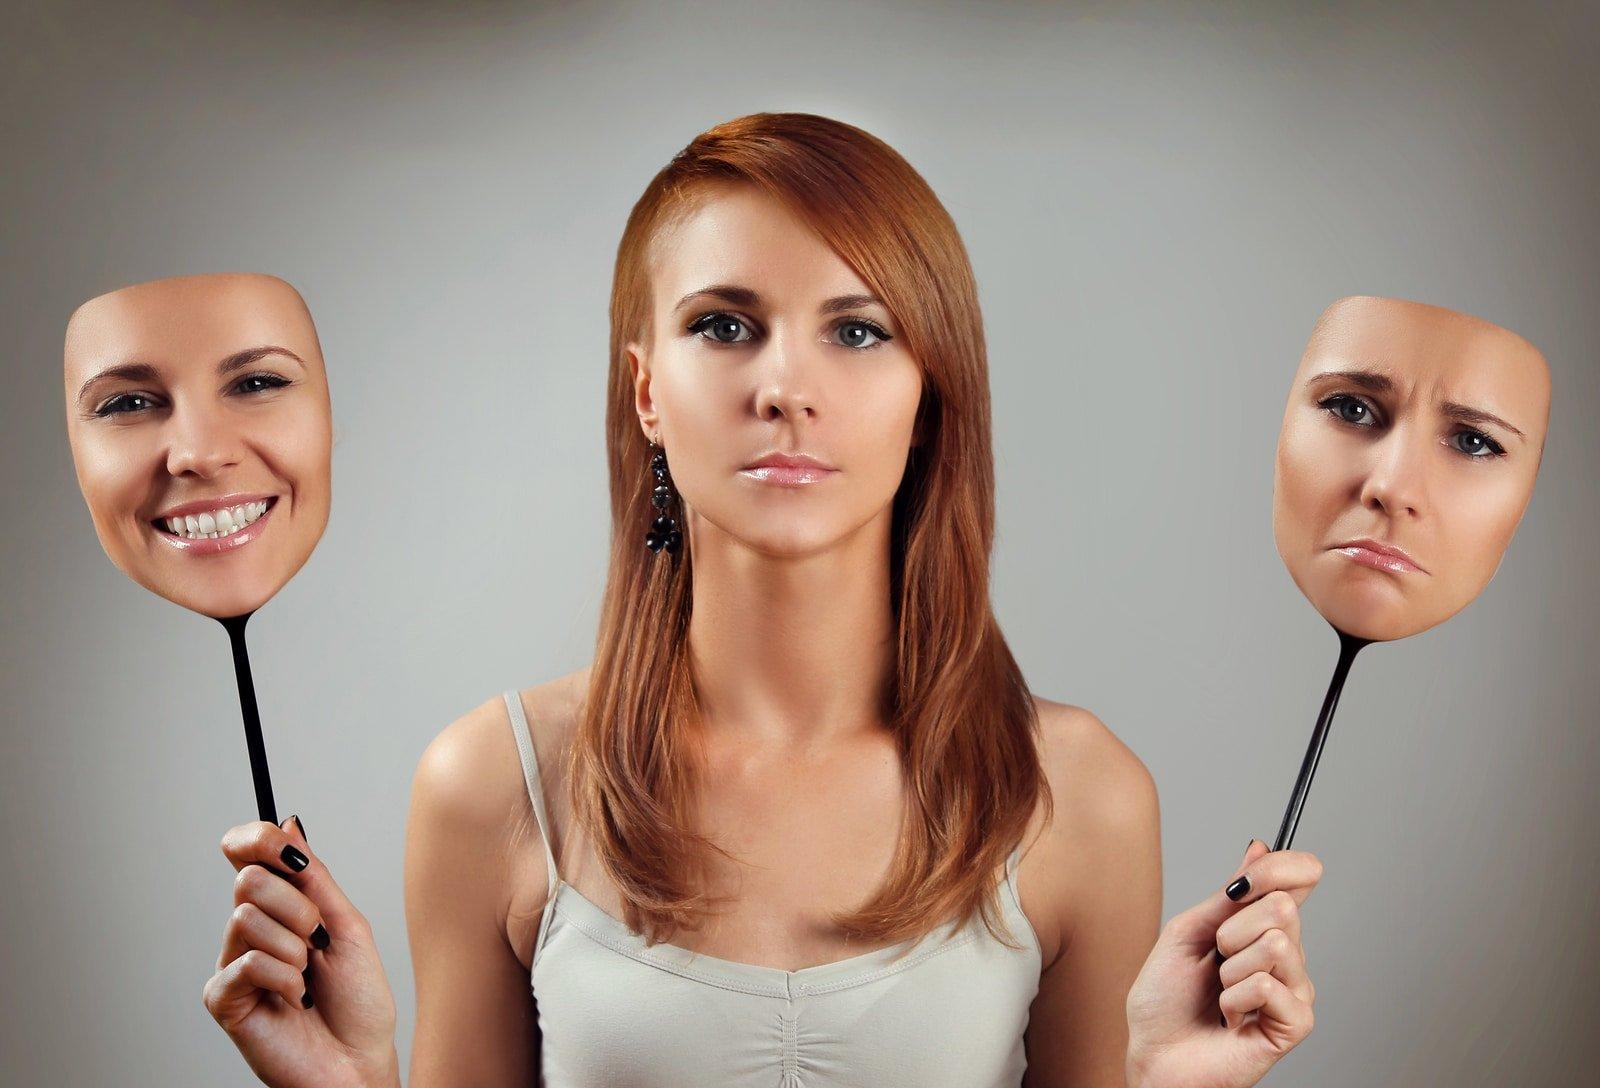 Luôn cố gắng vừa lòng mọi người là dấu hiệu cho thấy bạn đang đánh mất giá trị bản thân